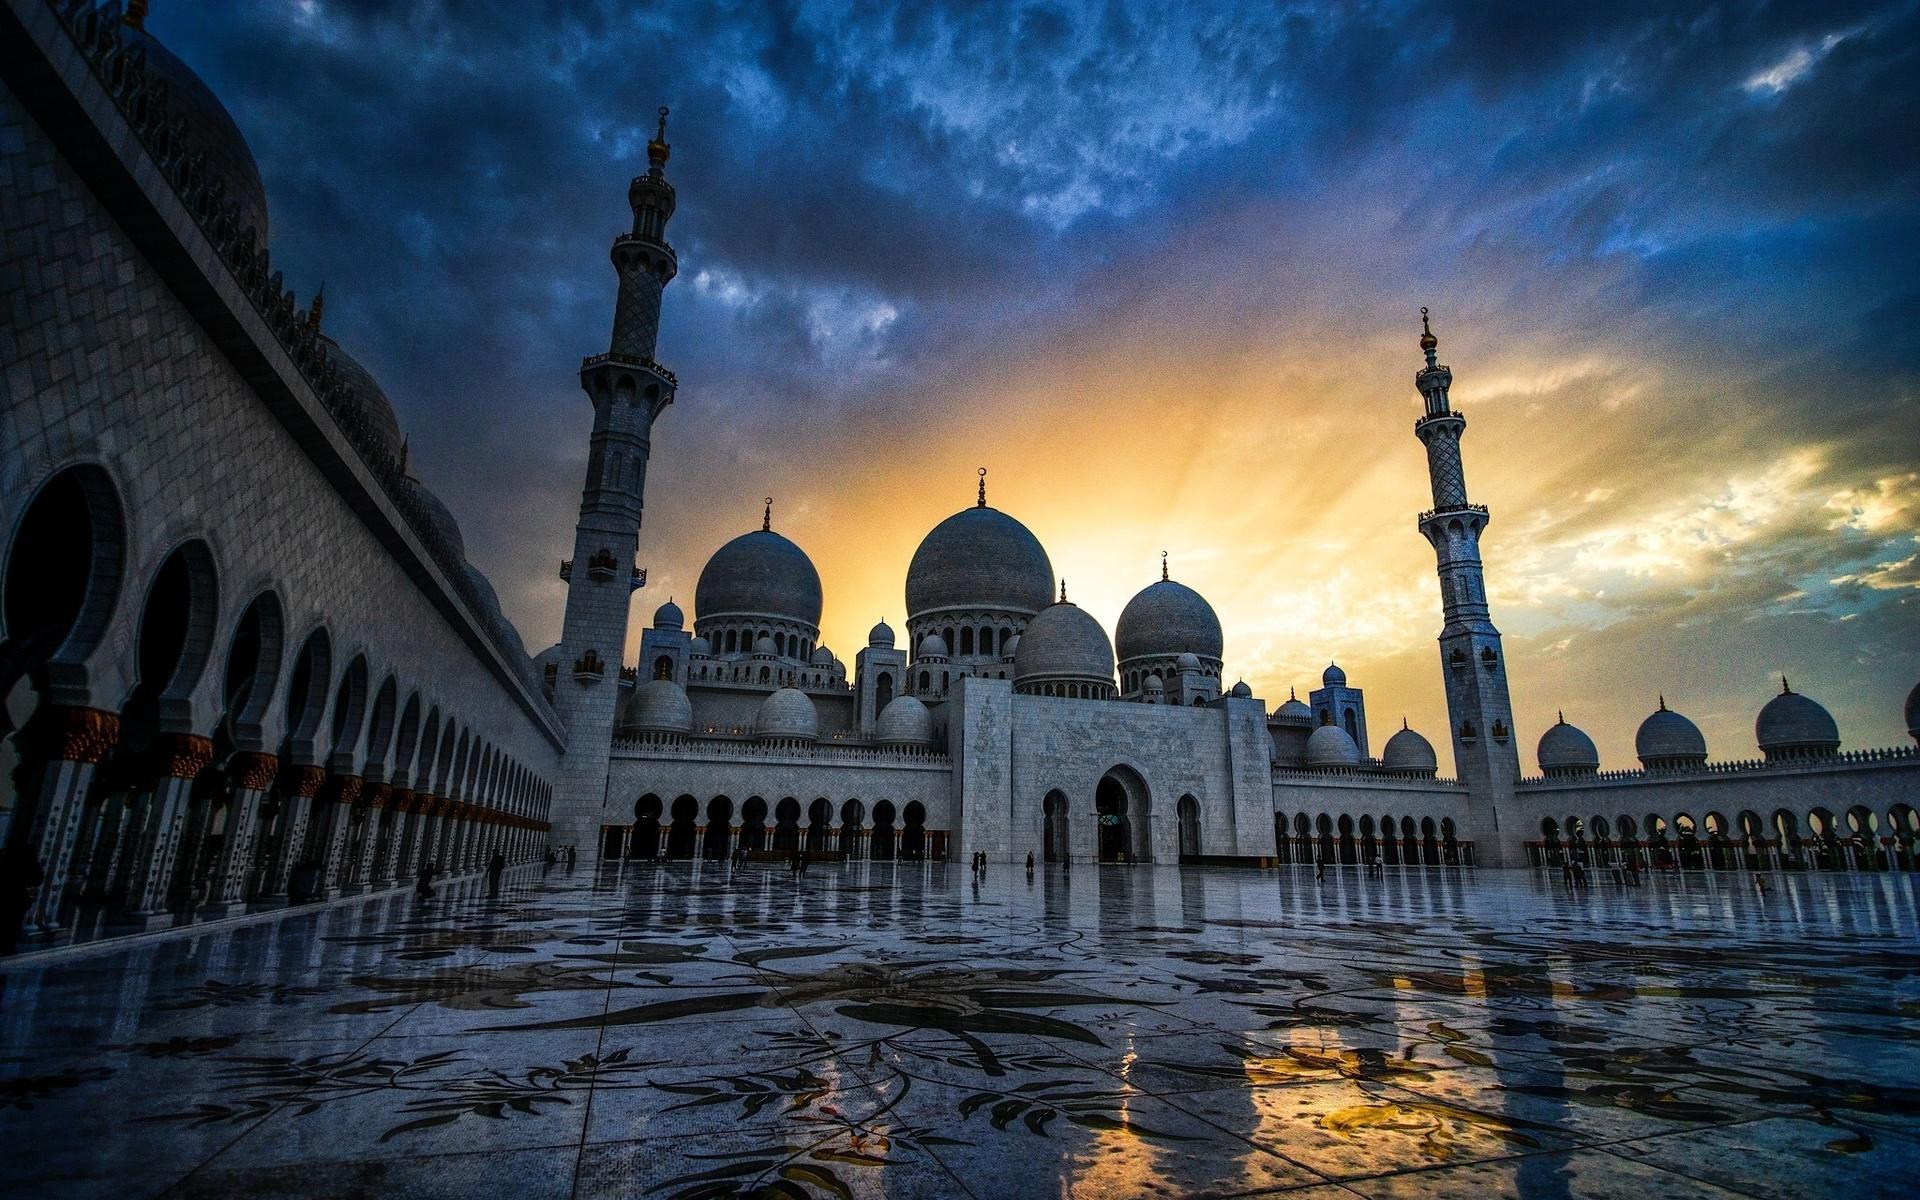 существует красивые картинки с мечетью на аву вязания миниатюрных